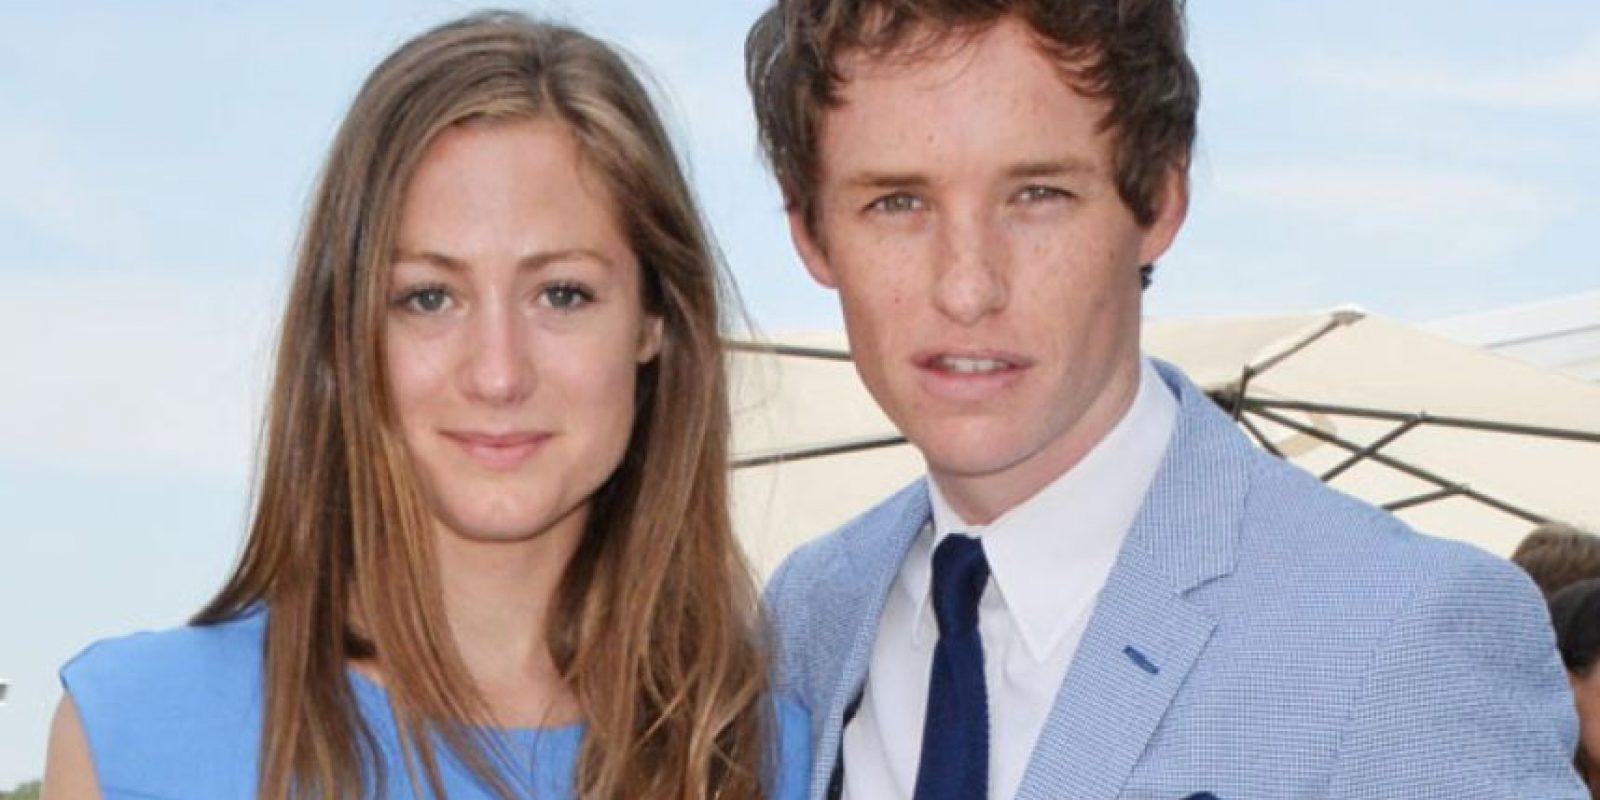 """Ella es Hannah Bagshawe, esposa del actor Eddie Redmayne, ganador del """"Globo de Oro"""", como Mejor Actor por su interpretación de Stephen Hawking en """"La Teoría del Todo"""" Foto:Getty Images"""